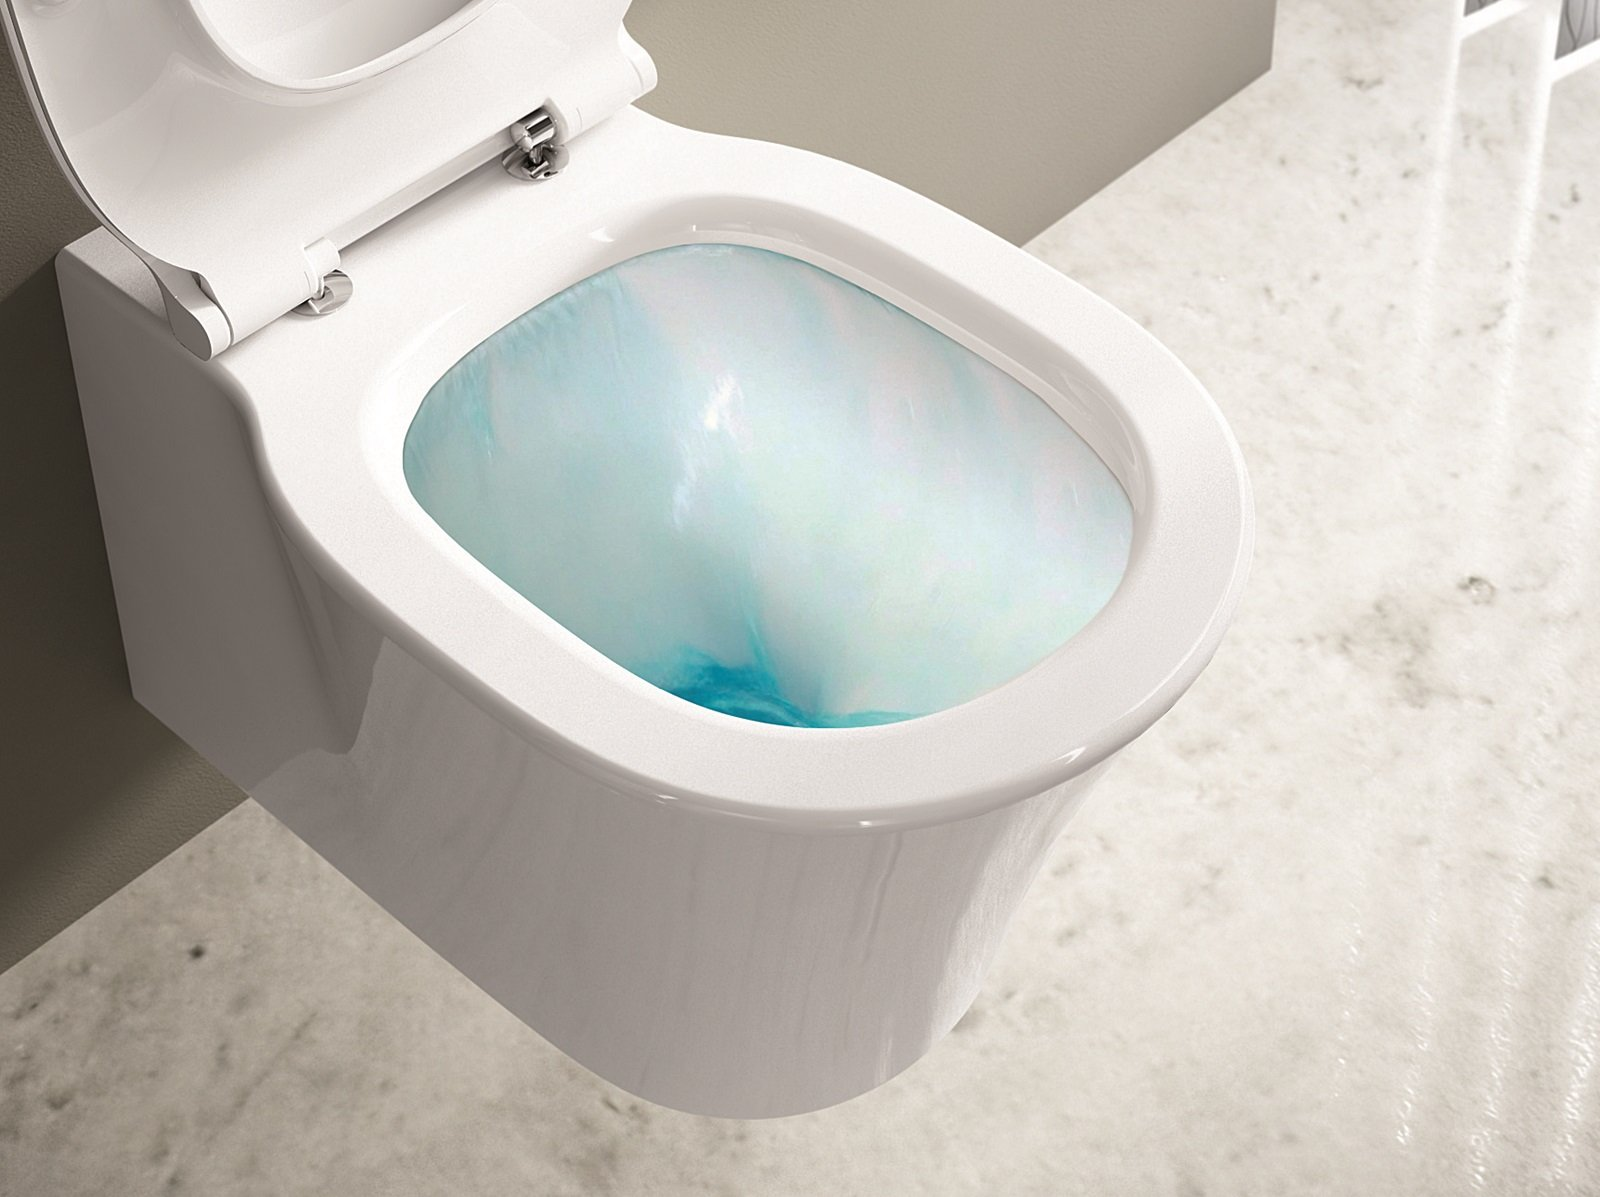 Water Con Bidet Incorporato Ideal Standard.Water Senza Brida Estetica E Maggiore Igiene Cose Di Casa